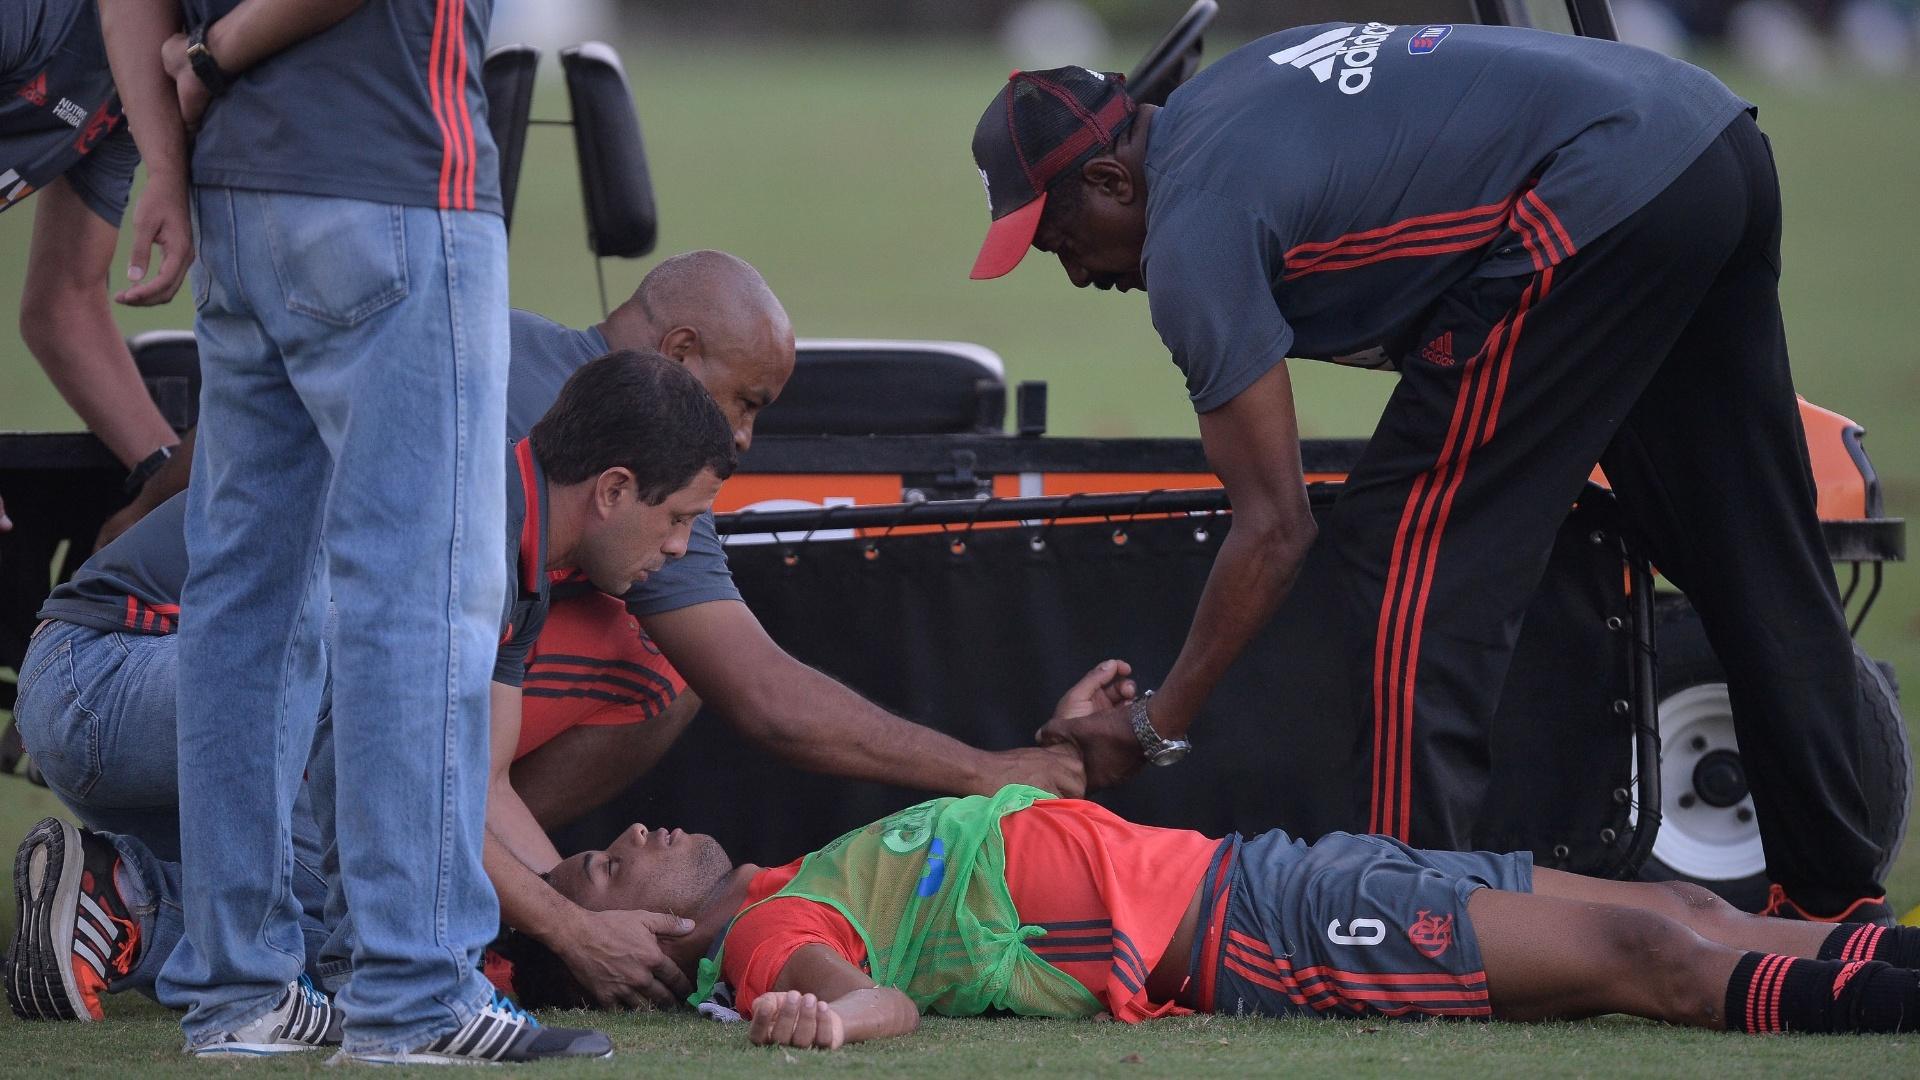 Jorge desacordado apos choque com Para durante treino do Flamengo no Ninho do Urubu